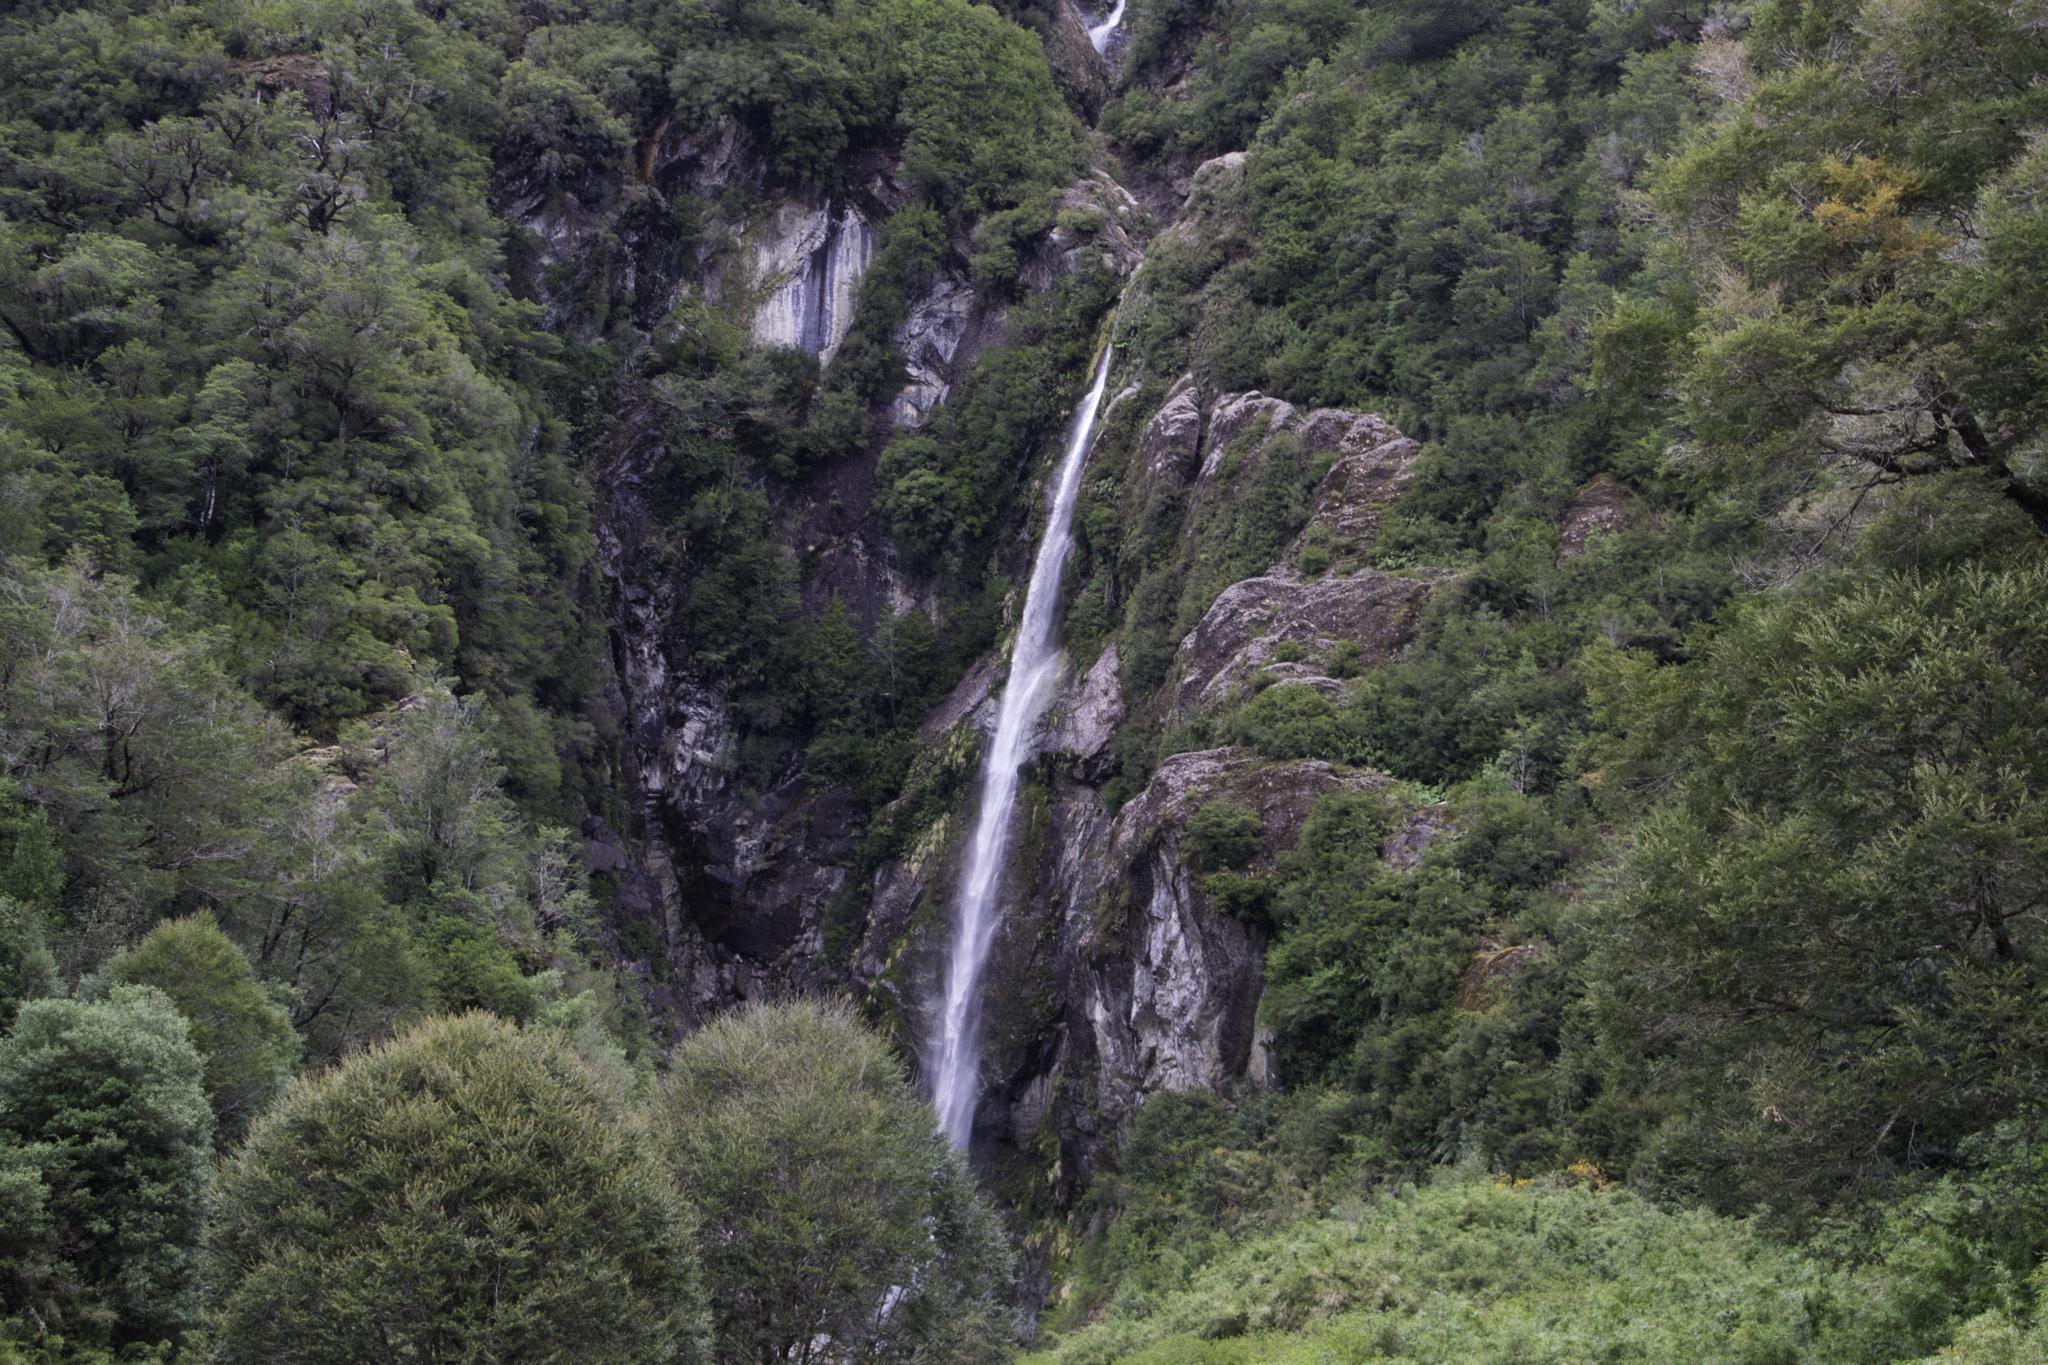 Einer der vielen spektakulären Wasserfälle